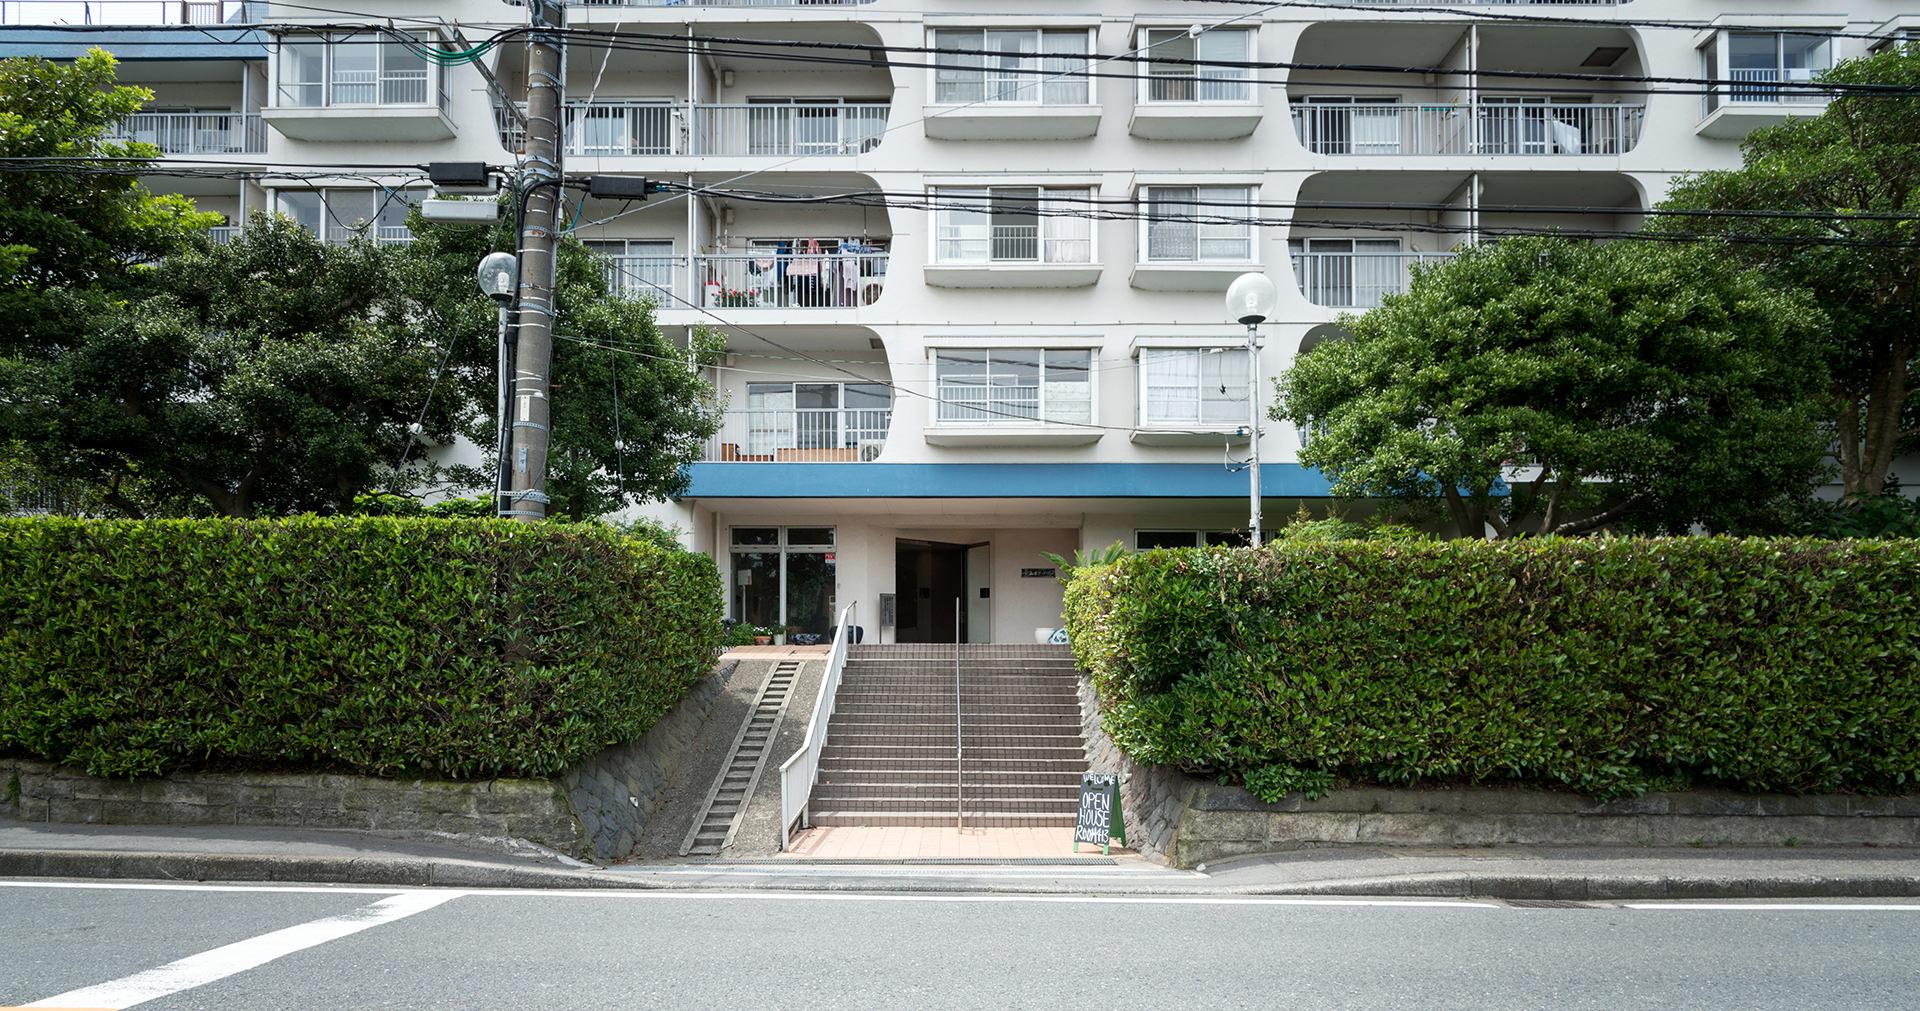 「葉山エコーハイツ」 イメージ10 撮影:東涌宏和